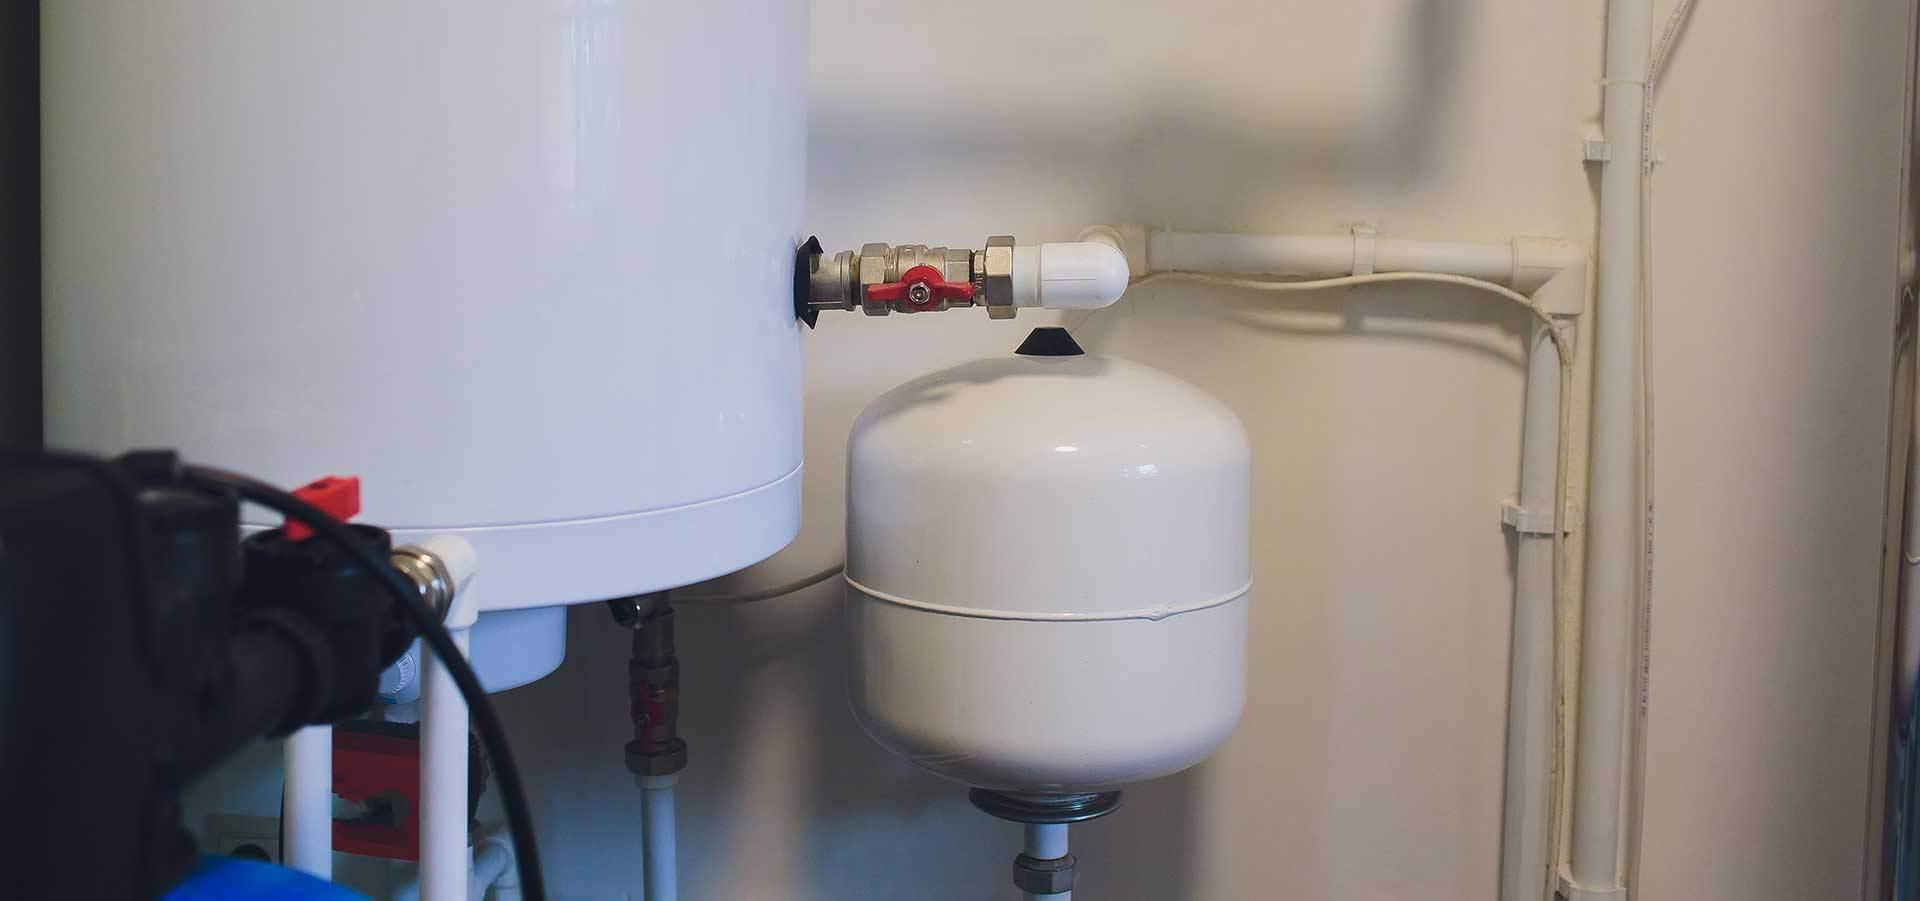 Cylinders / Pressurised Cylinders